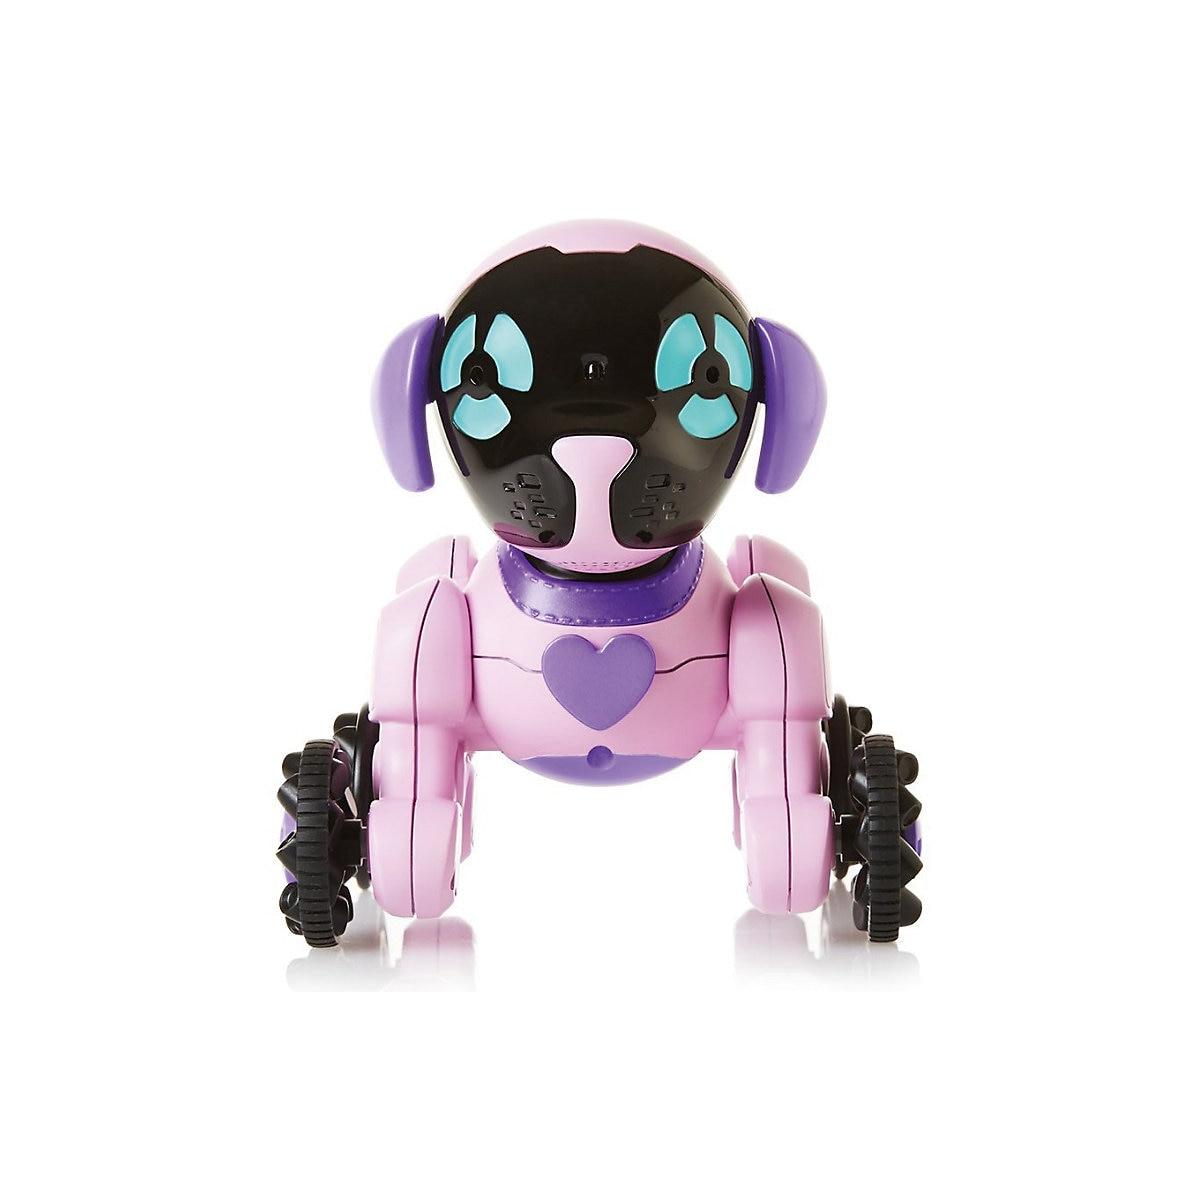 Animaux de compagnie électroniques WowWee 7314002 Tamagochi Robot jouets interactif chien animaux enfants MTpromo - 2